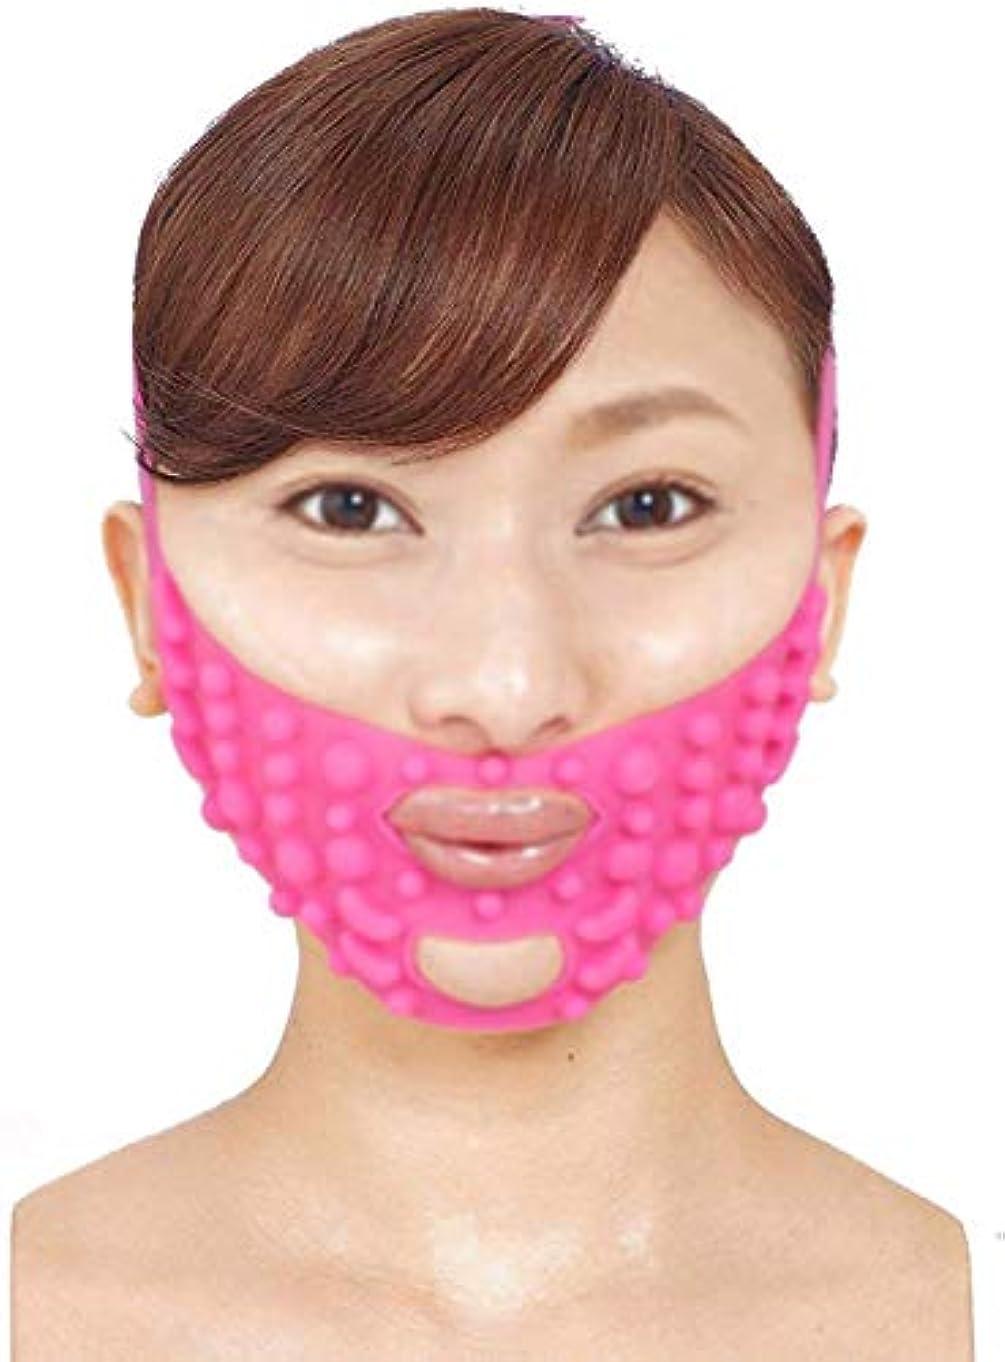 噴出する強制的密美容と実用的なフェイシャルマスク、リフティングアーティファクトフェイスマスク小さなV顔包帯でたるみ顔通気性睡眠顔ダブルあごセット睡眠弾性Slim身ベルト